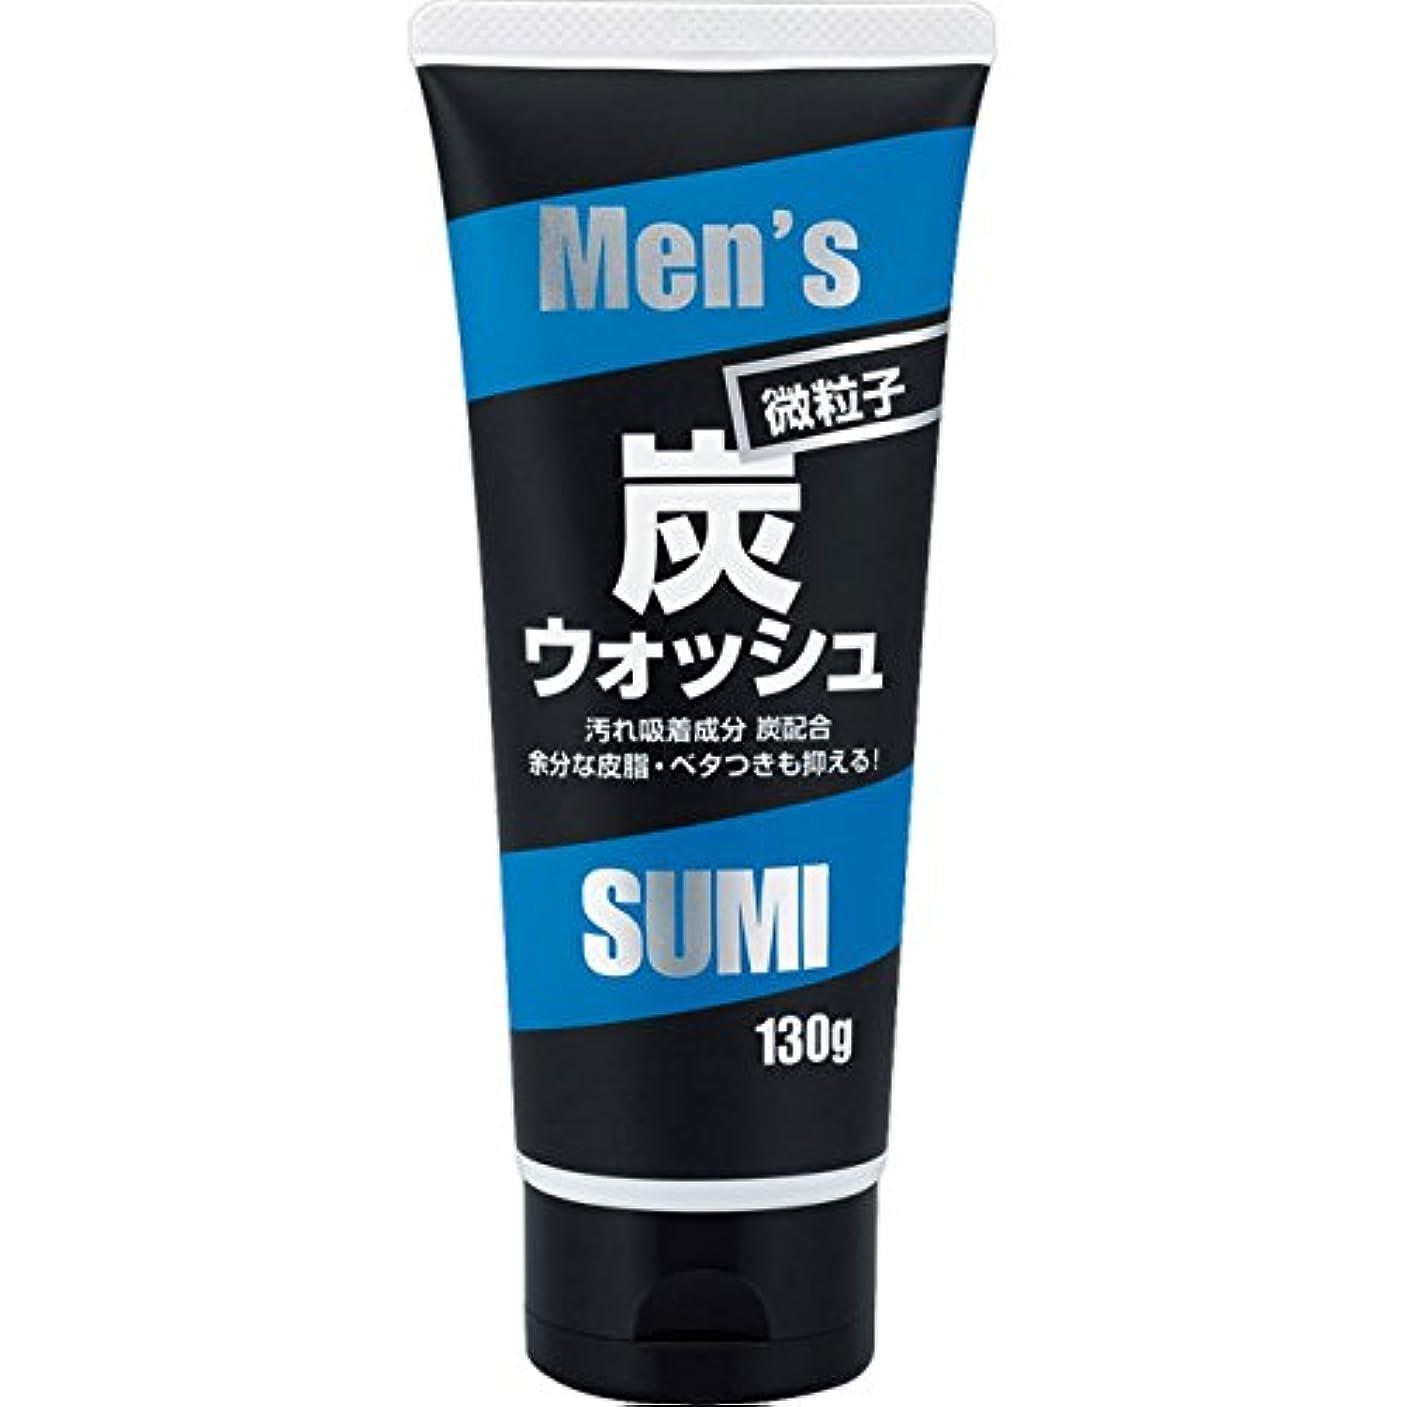 操る吸い込む比率メンズ炭洗顔130gX4